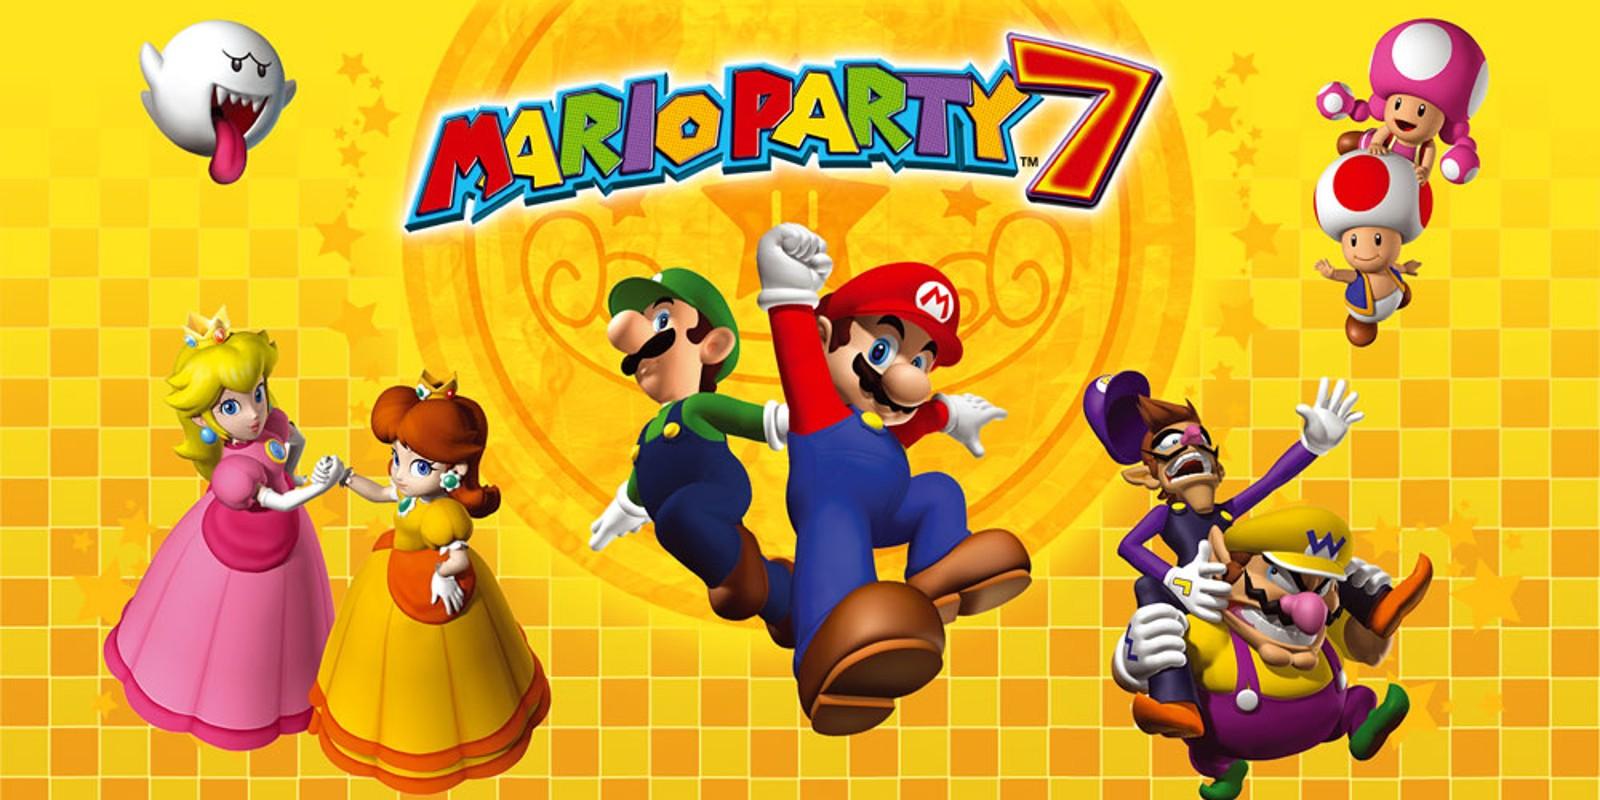 Mario kart 7 (usa) [decrypted]-3ds | gamesmountain. Com.